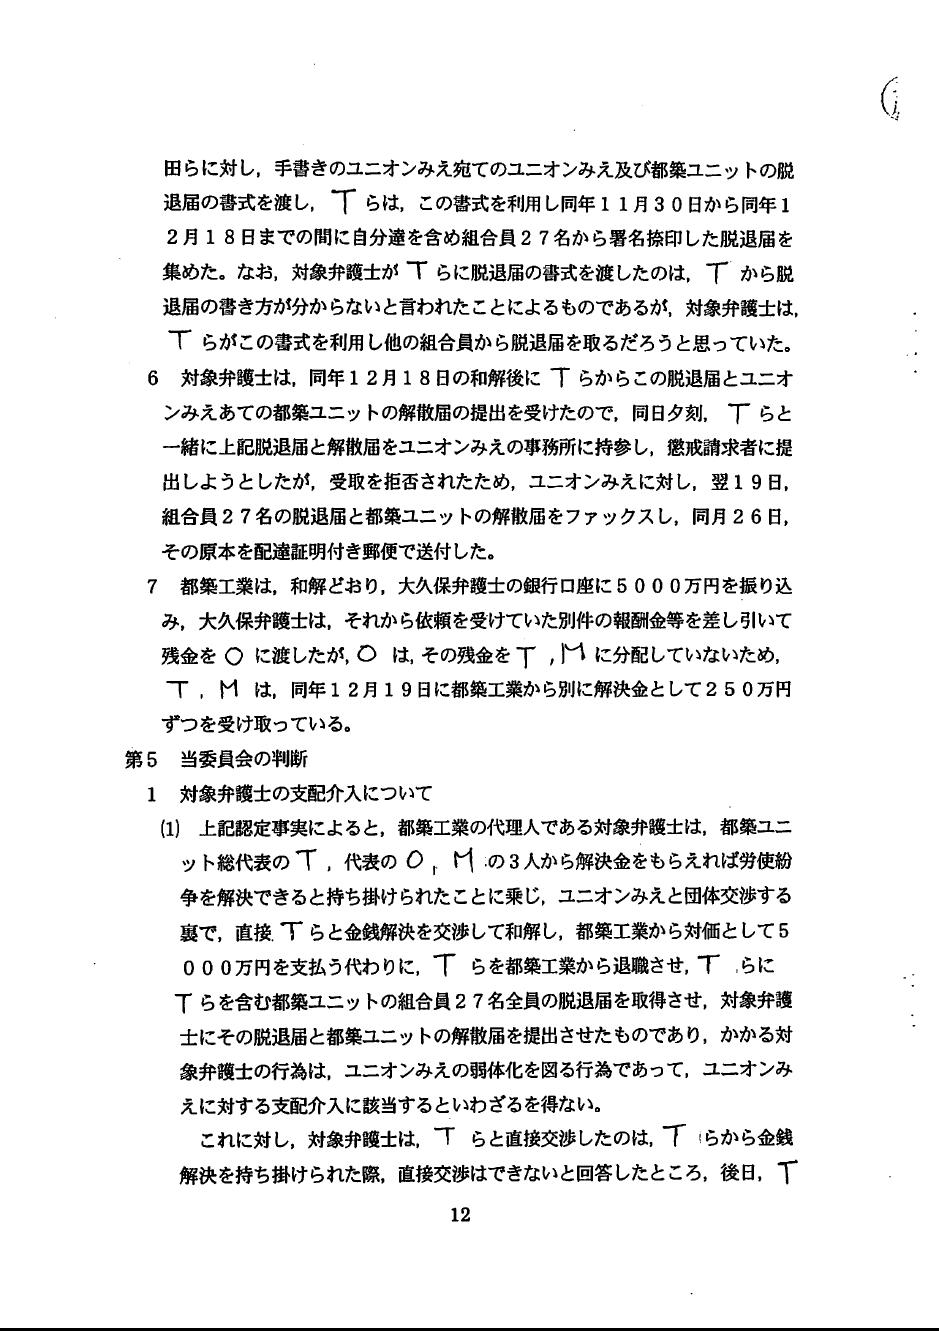 原武之弁護士懲戒14